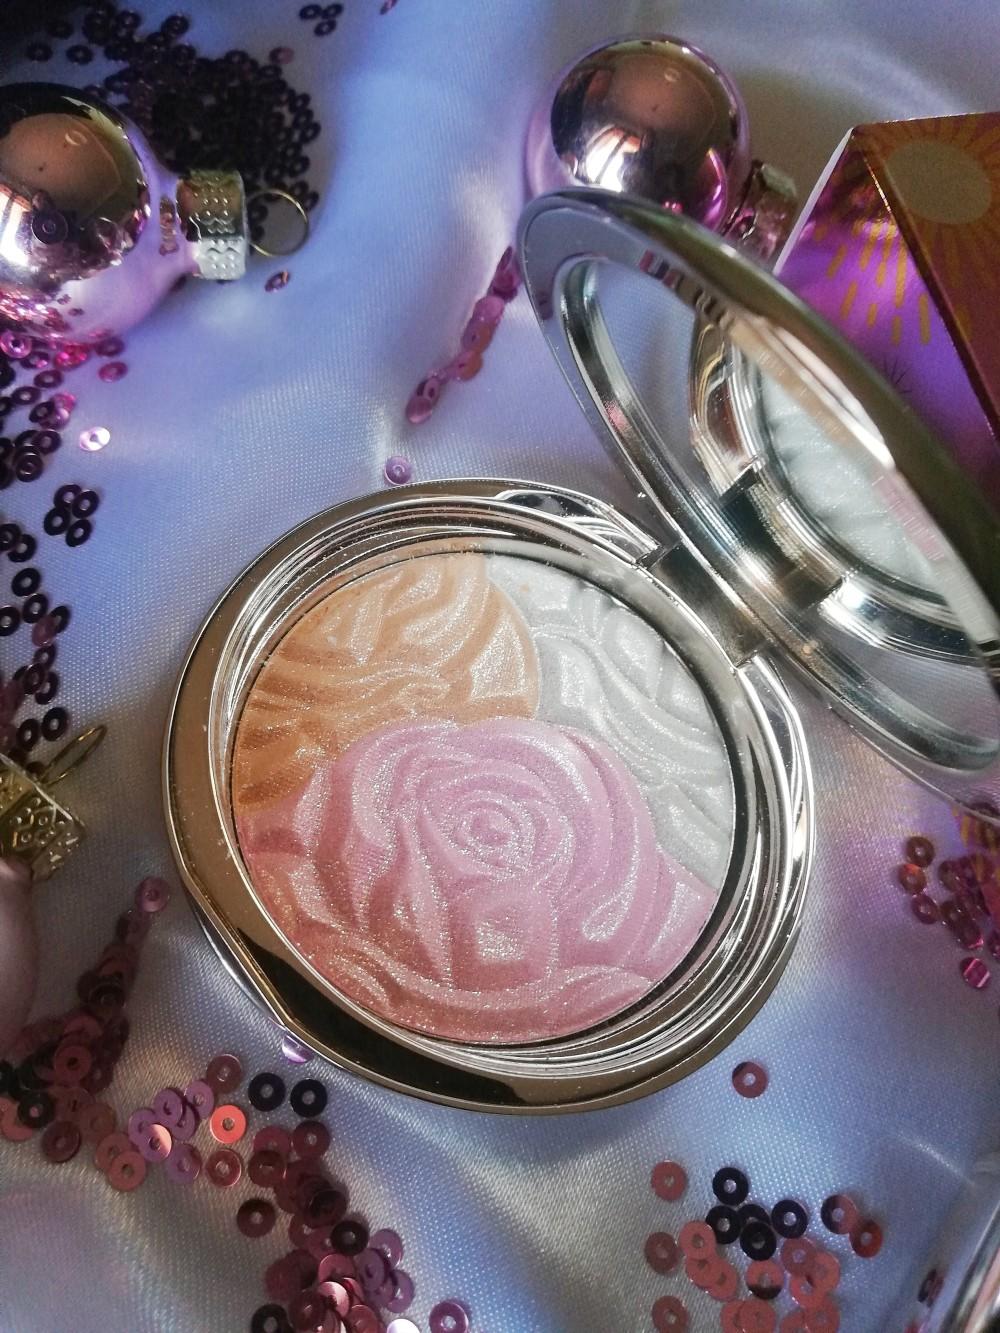 Cipria illuminante By Terry alla rosa